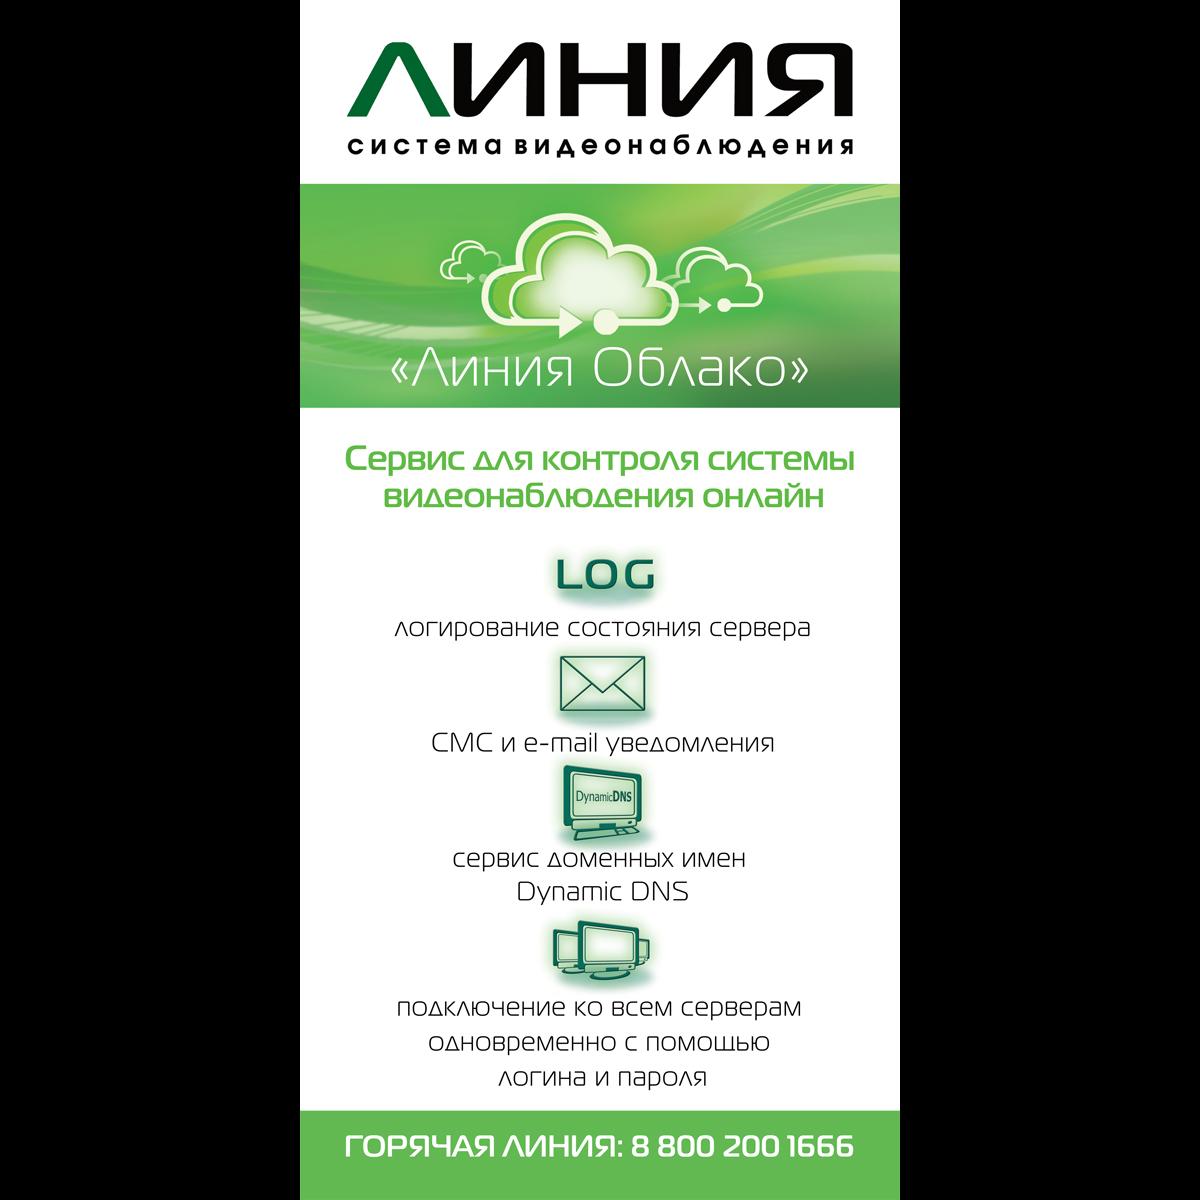 Коробочная версия лицензии Линия IP 64 для подключения 64 IP-видеокамер. Количество каналов: видео - 64, аудио - 64, до 25 к/с на канал.